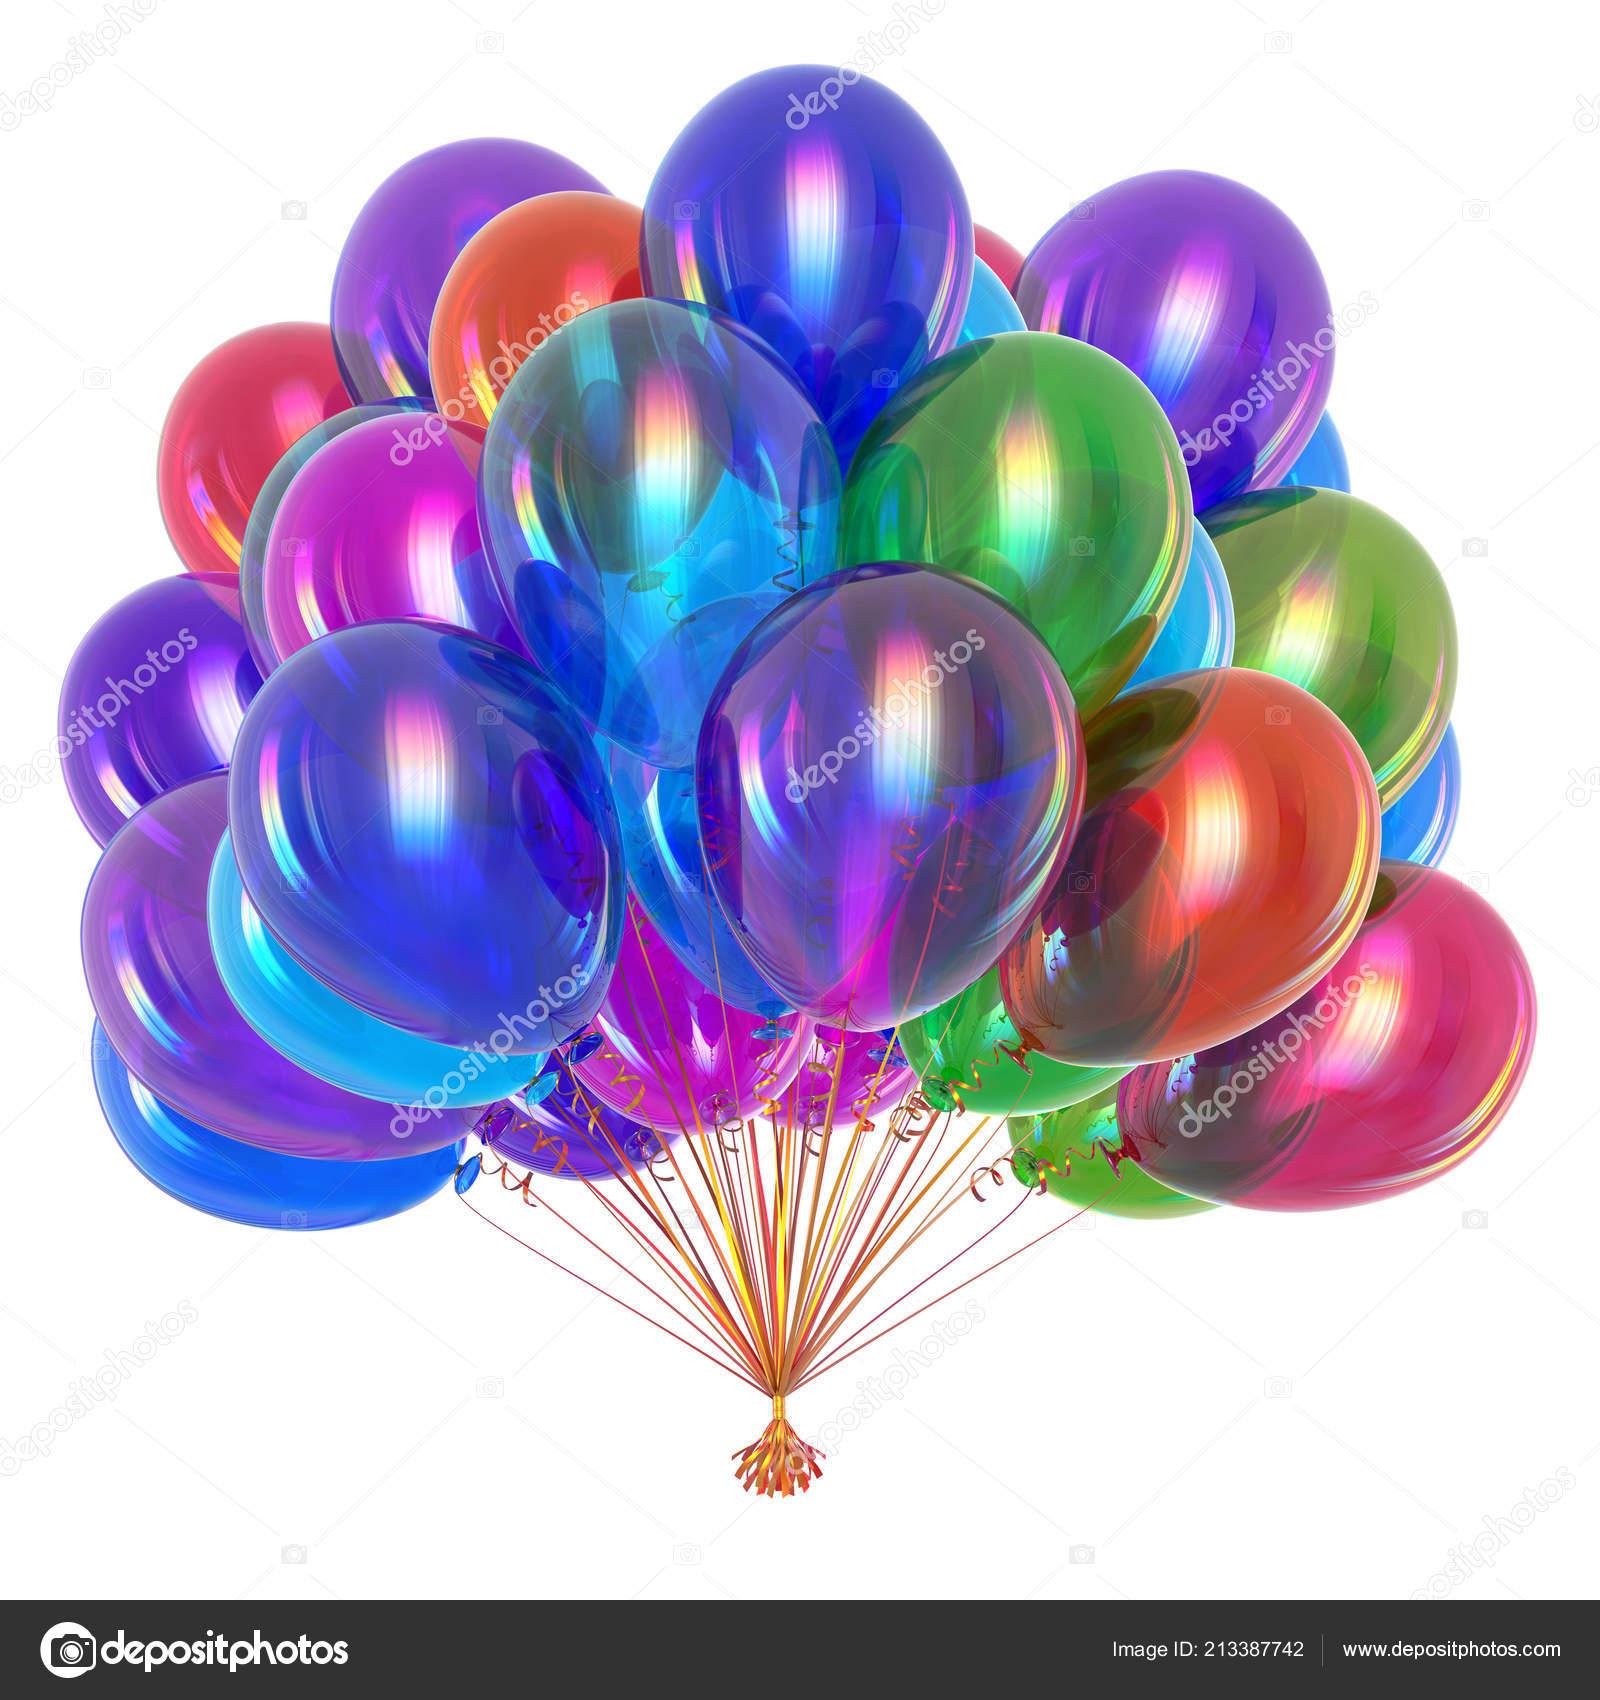 Cumpleaños Decoración Globos Helio Multicoloras Manojo Globo